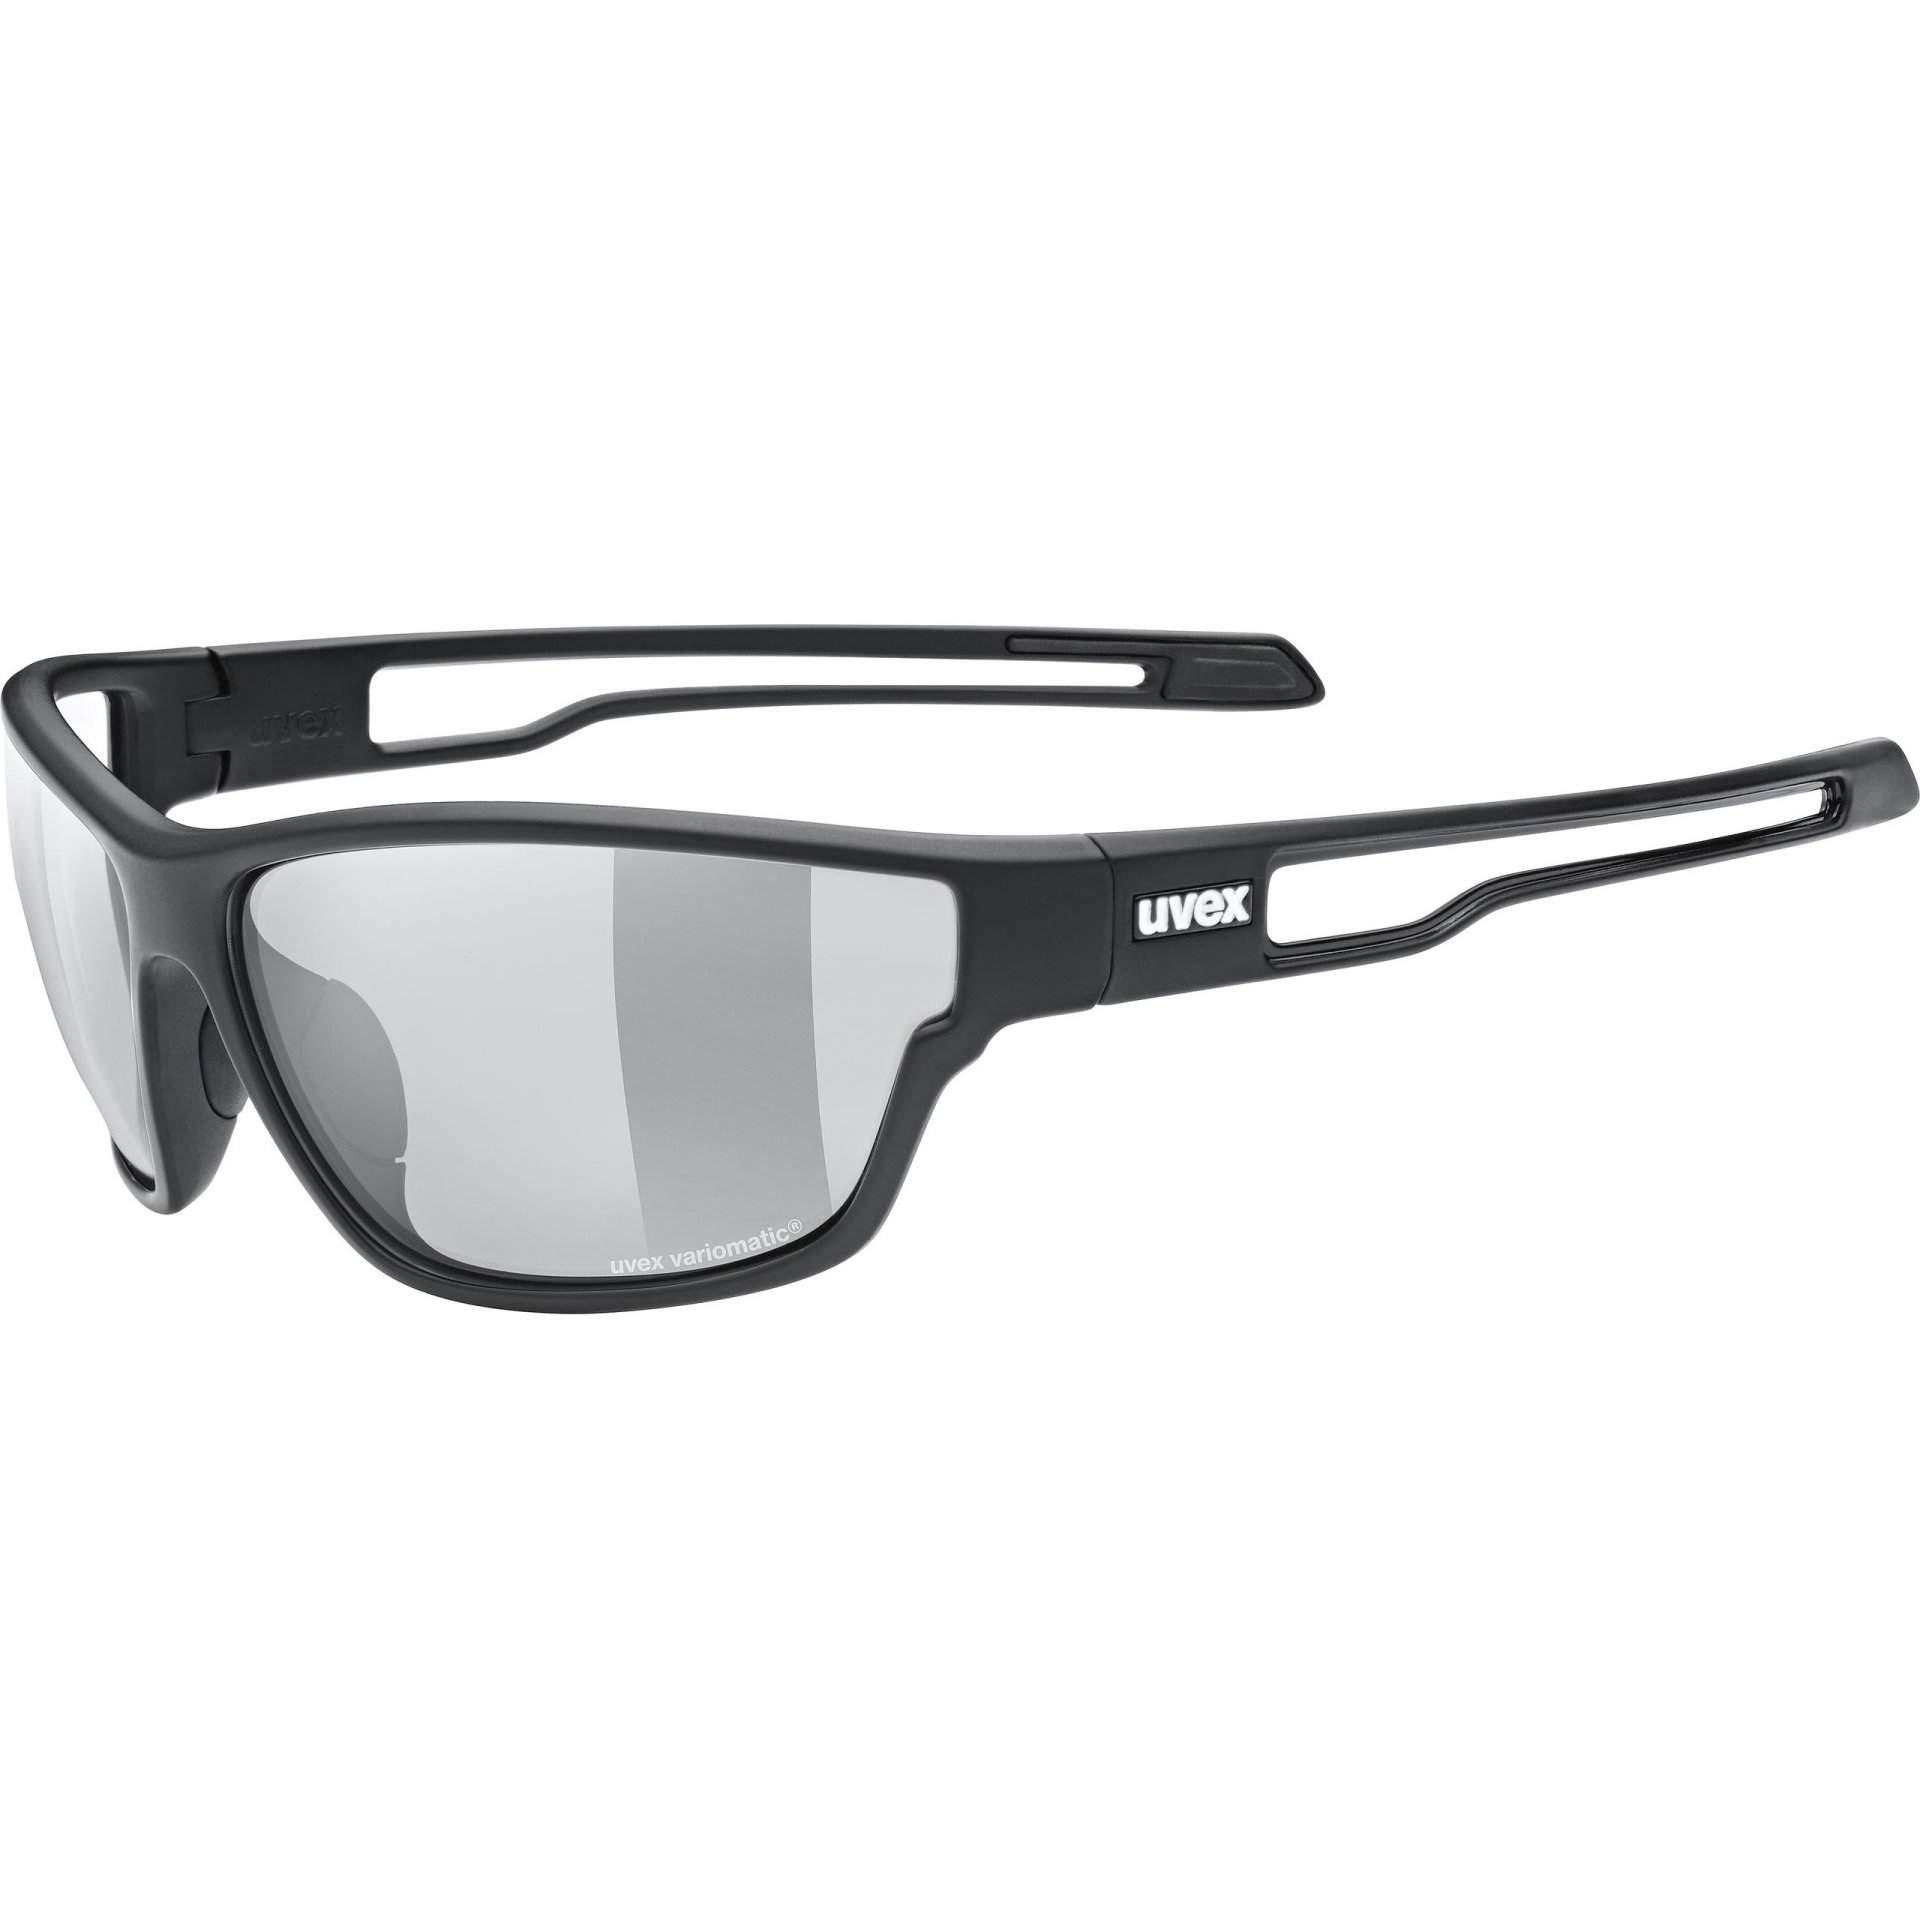 OKULARY UVEX SPORTSTYLE 806 V 53|2|064|2201 BLACK MAT